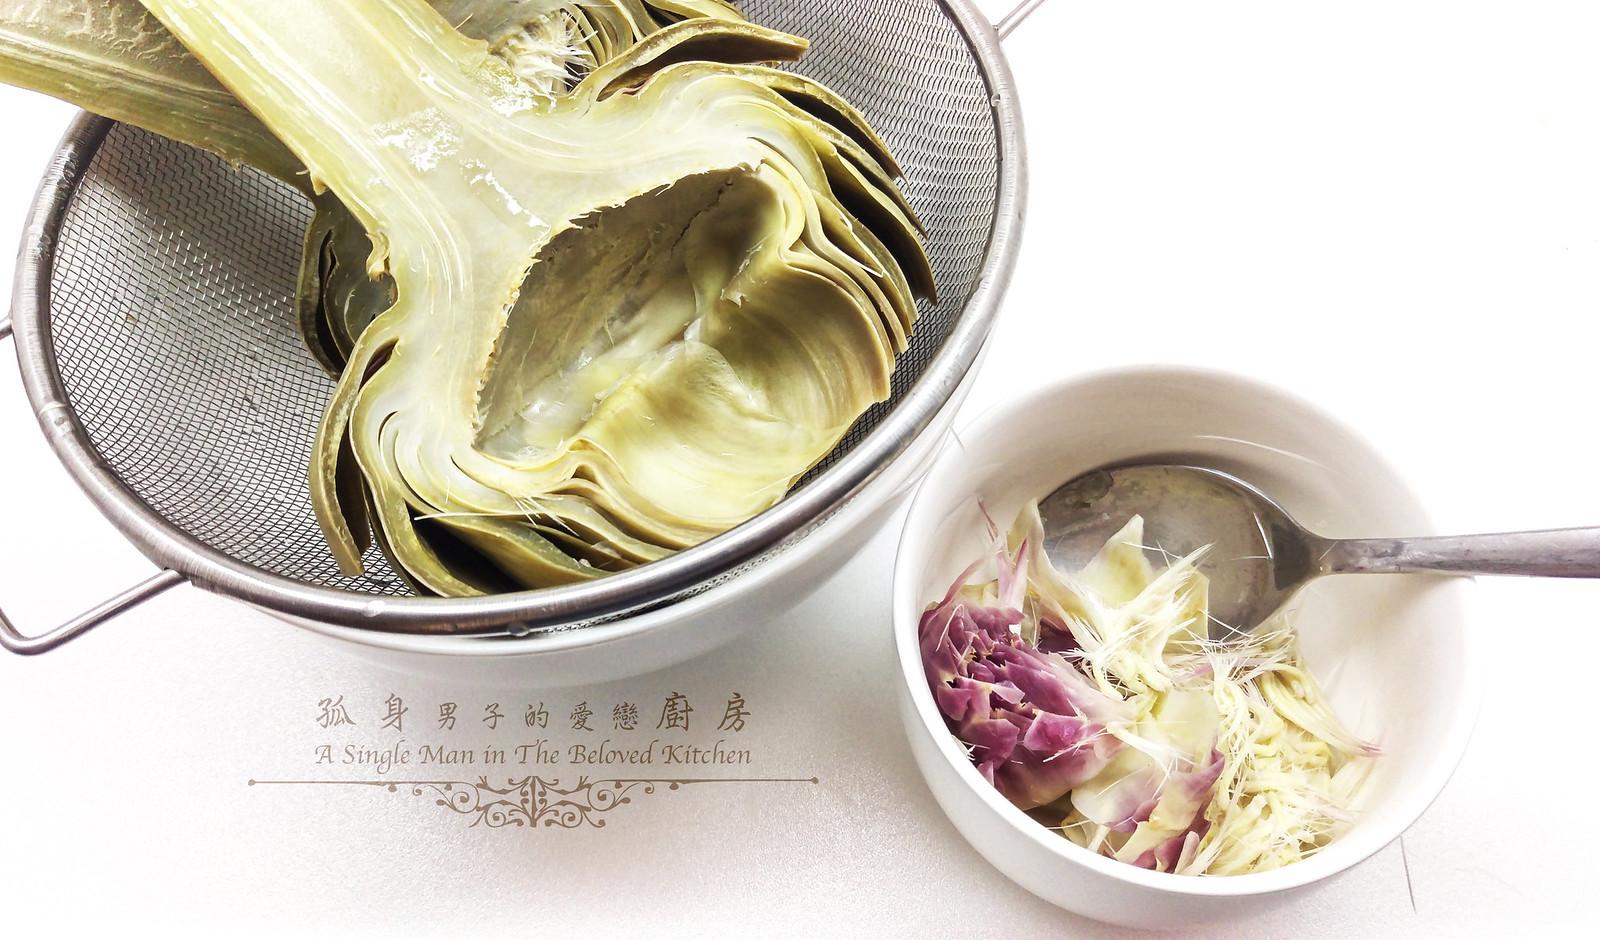 孤身廚房-青醬帕瑪森起司鑲烤朝鮮薊佐簡易油醋蘿蔓沙拉11